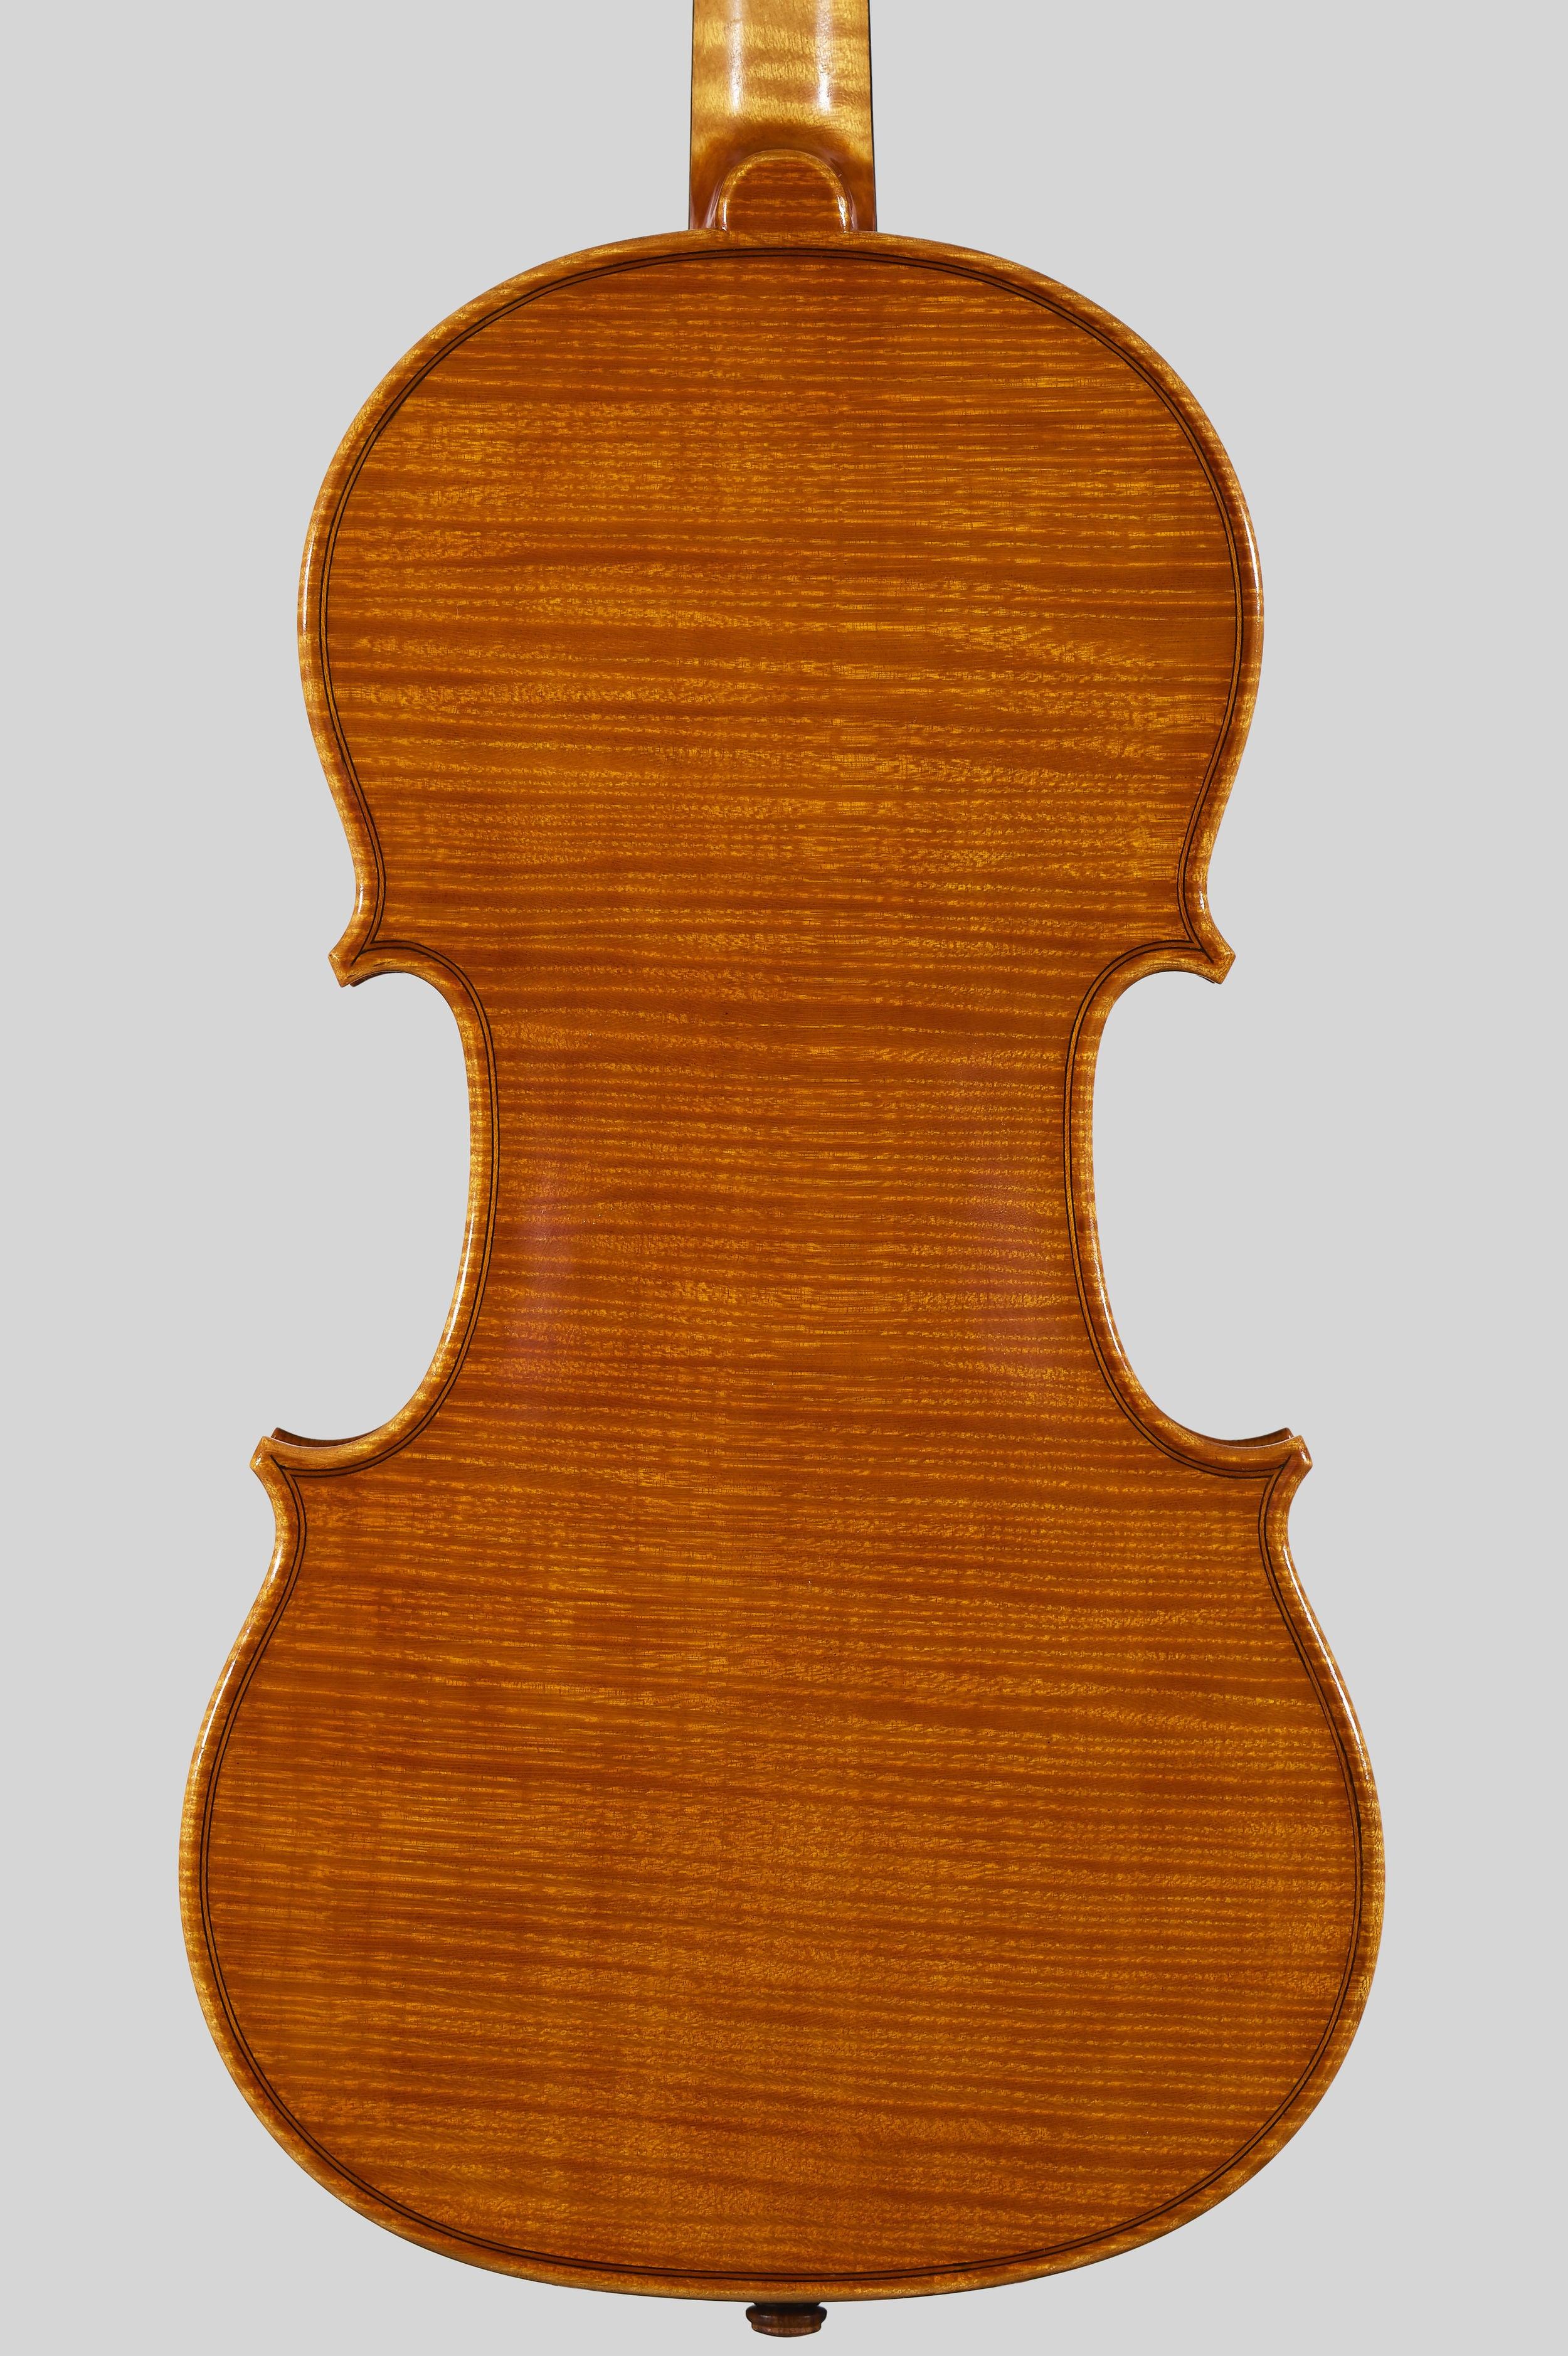 """Anno 1978 - allievo C. Belli - Violino dal mod. stile """"A. Stradivari """", etichetta: """"I.P.I.A.L.L."""" - Fondo"""